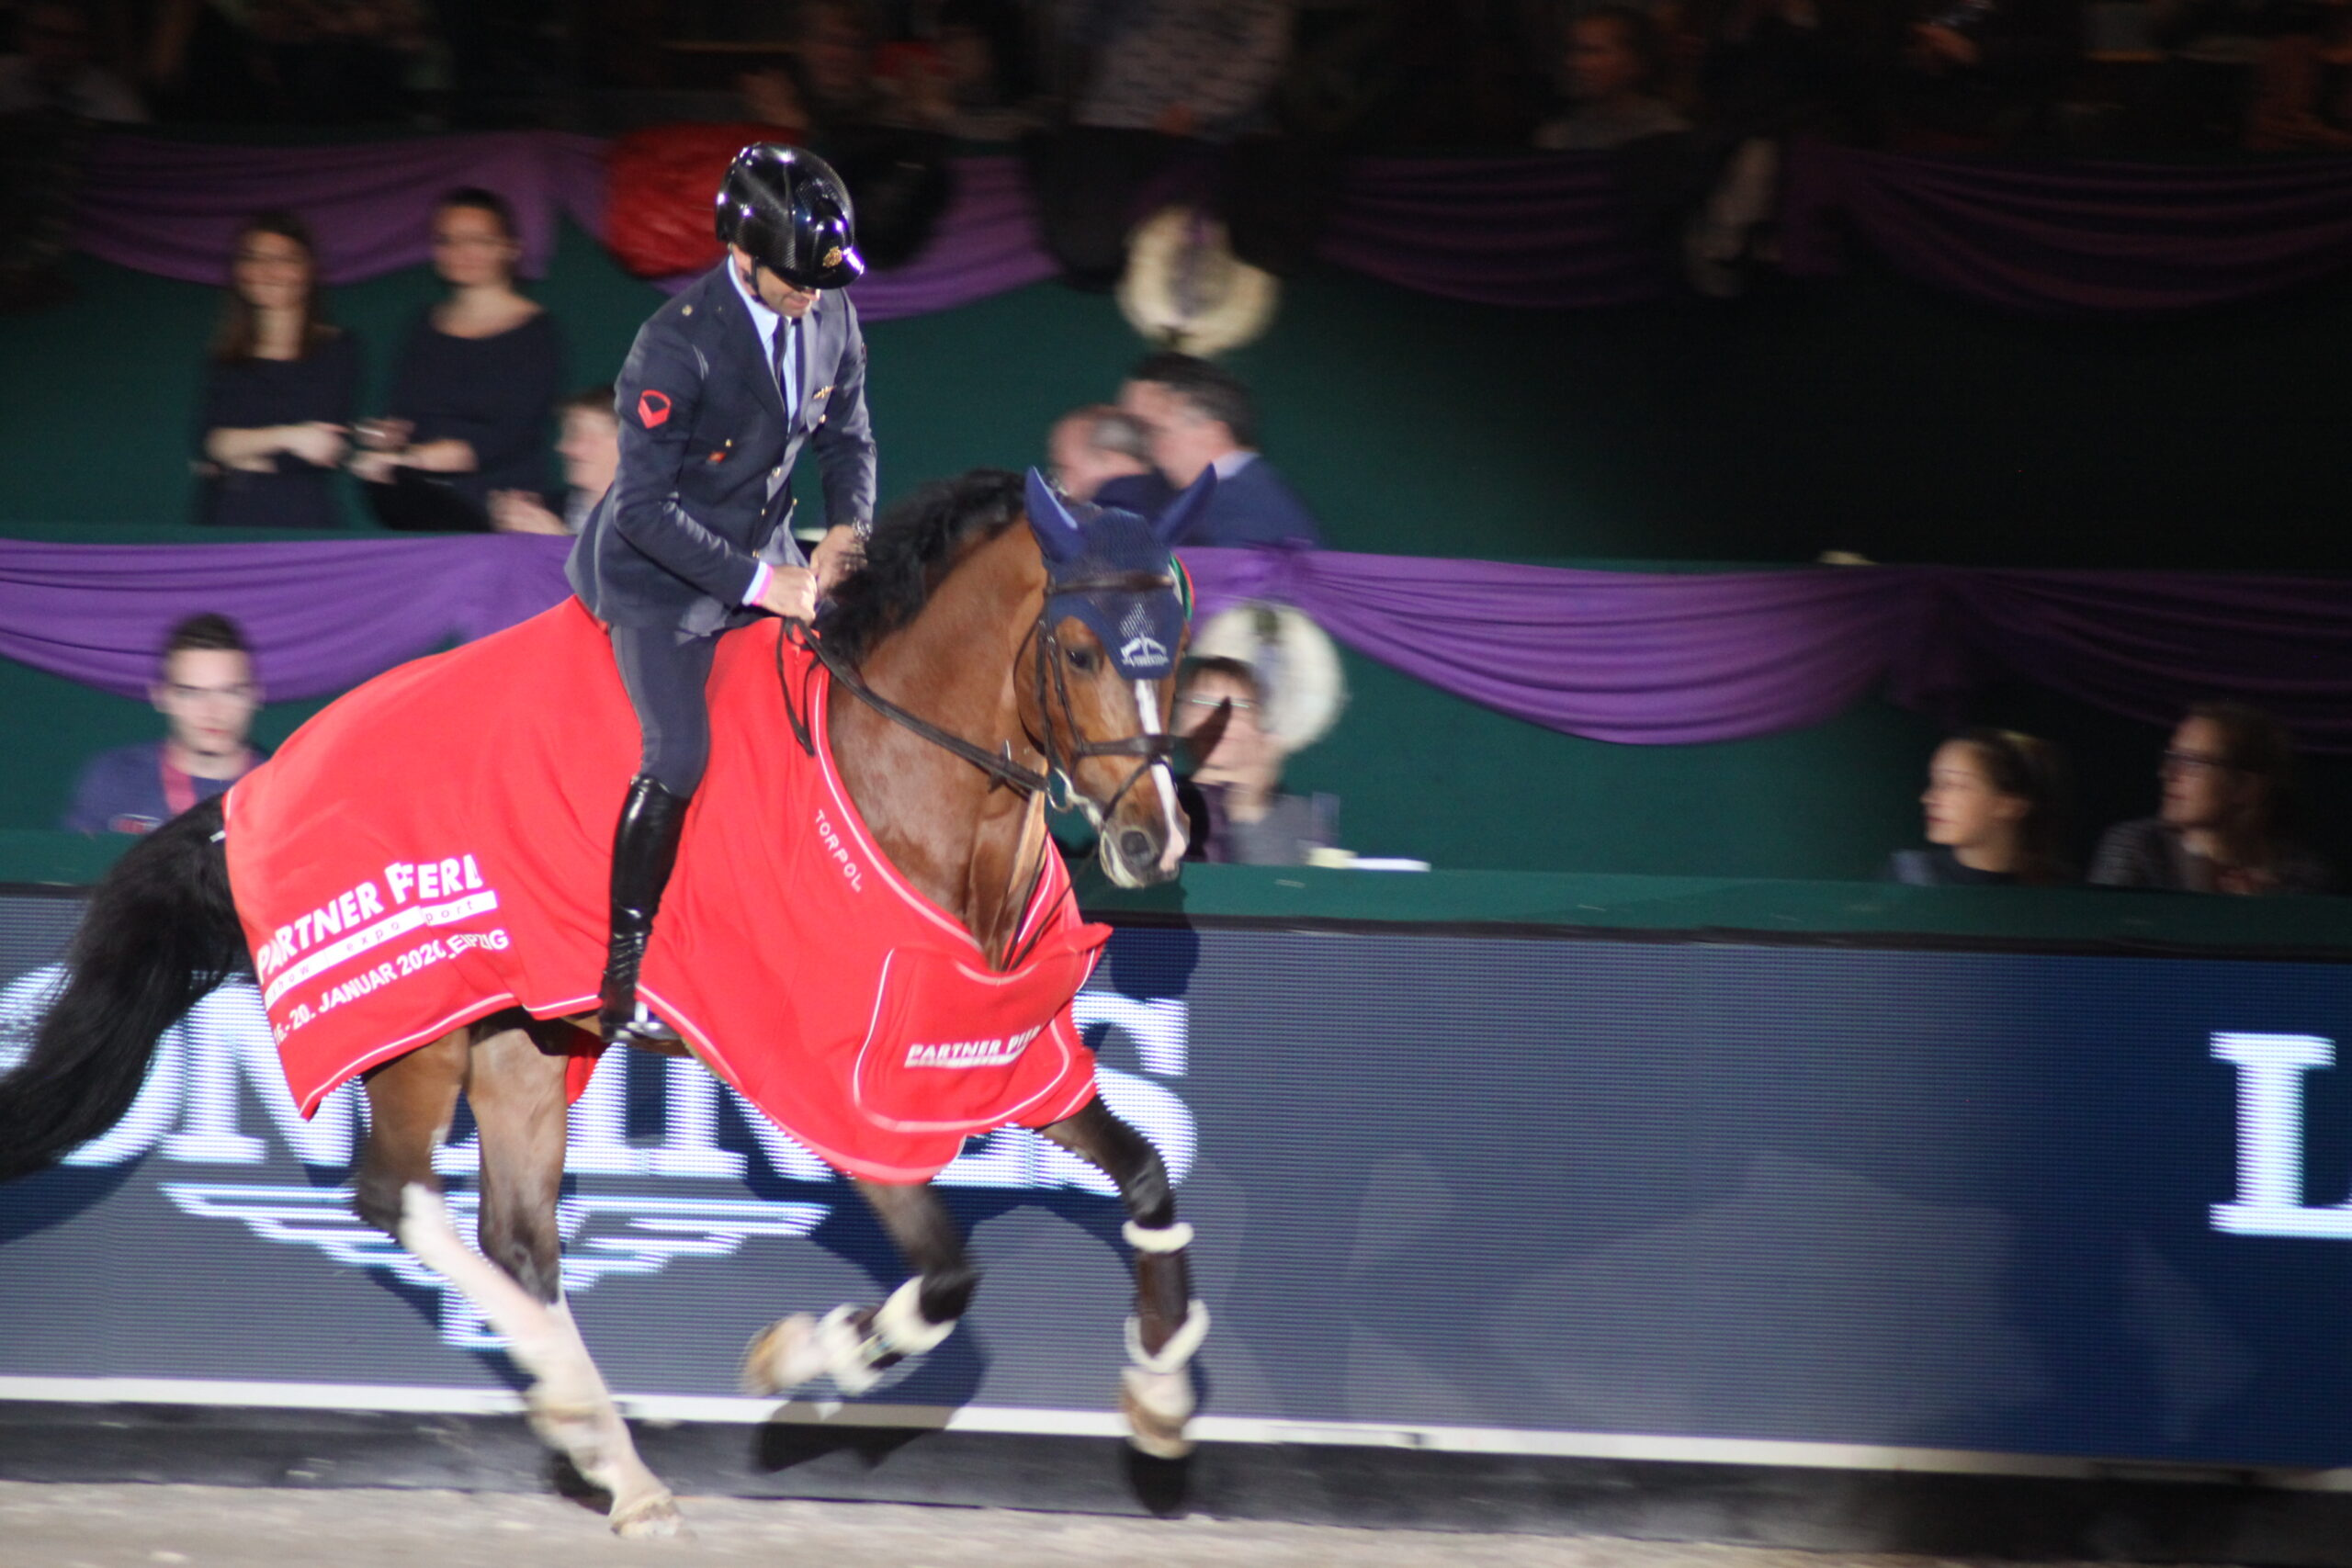 Ein Reiter in einer dunkelblauen Uniform und mit Helm auf dem Kopf sitzt auf einem braunen Pferd. Das Pferd galoppiert und ist in eine rote Decke gehüllt, Foto: Kati Lomb.